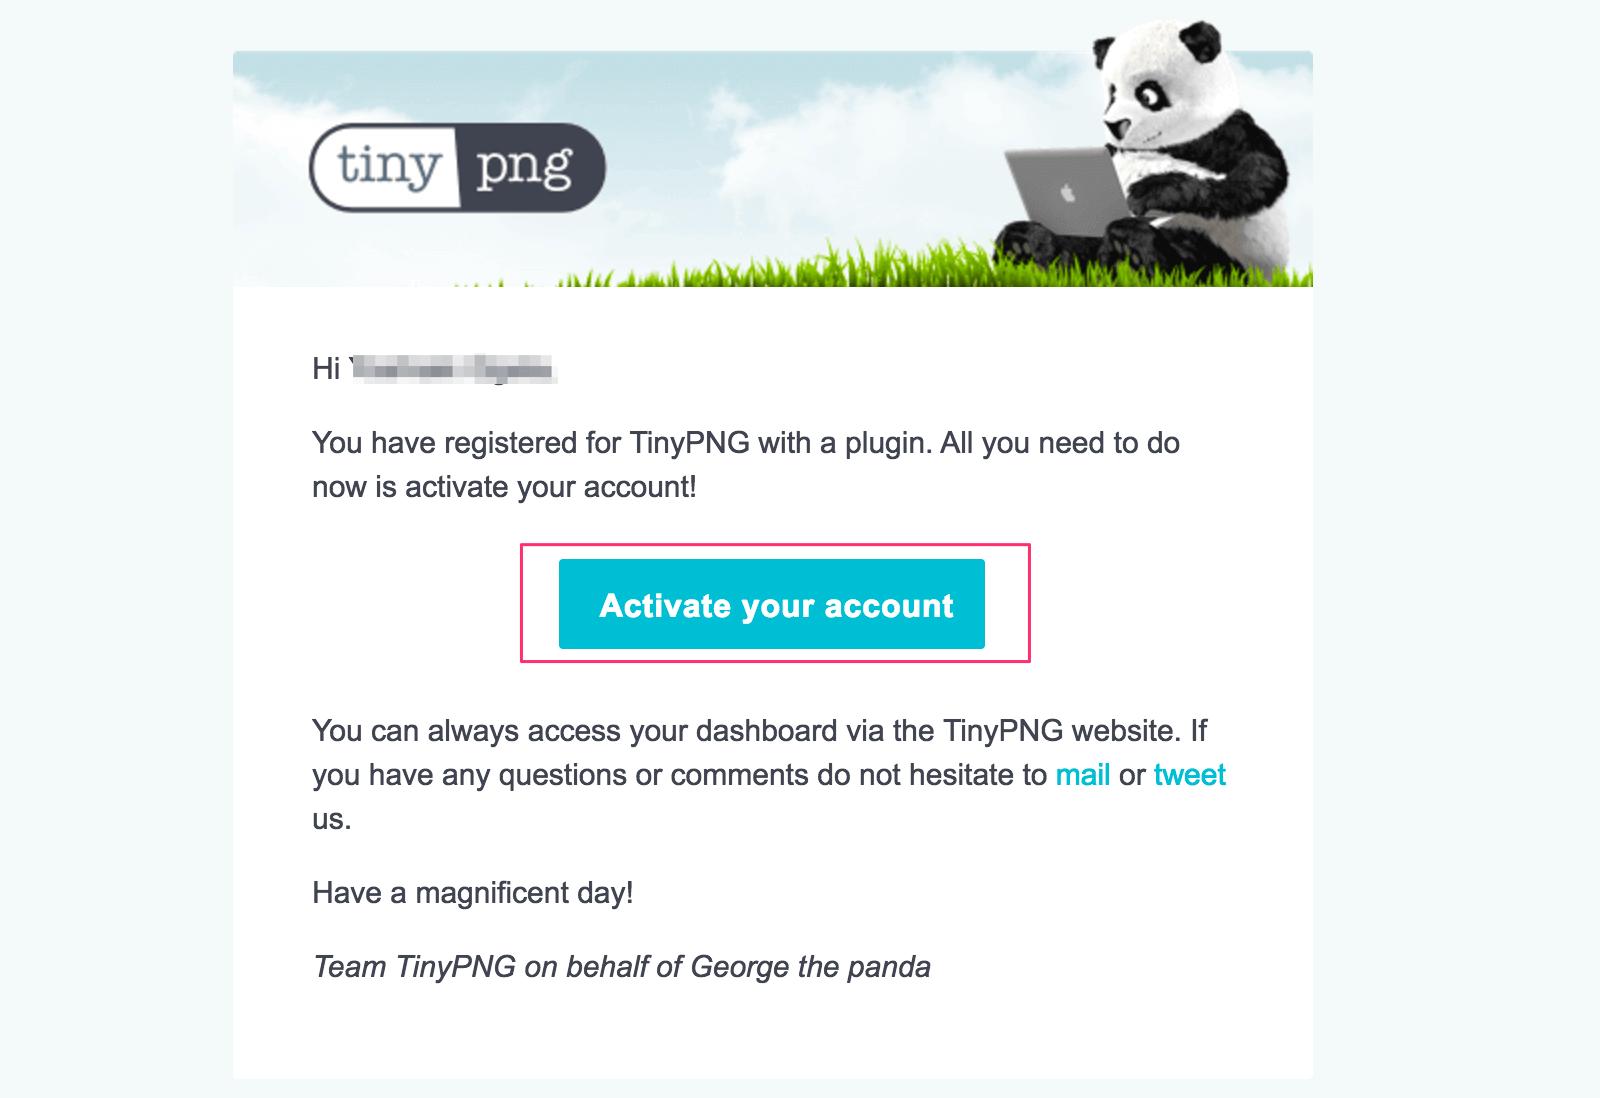 アカウント有効化のリンクつきメールが届く